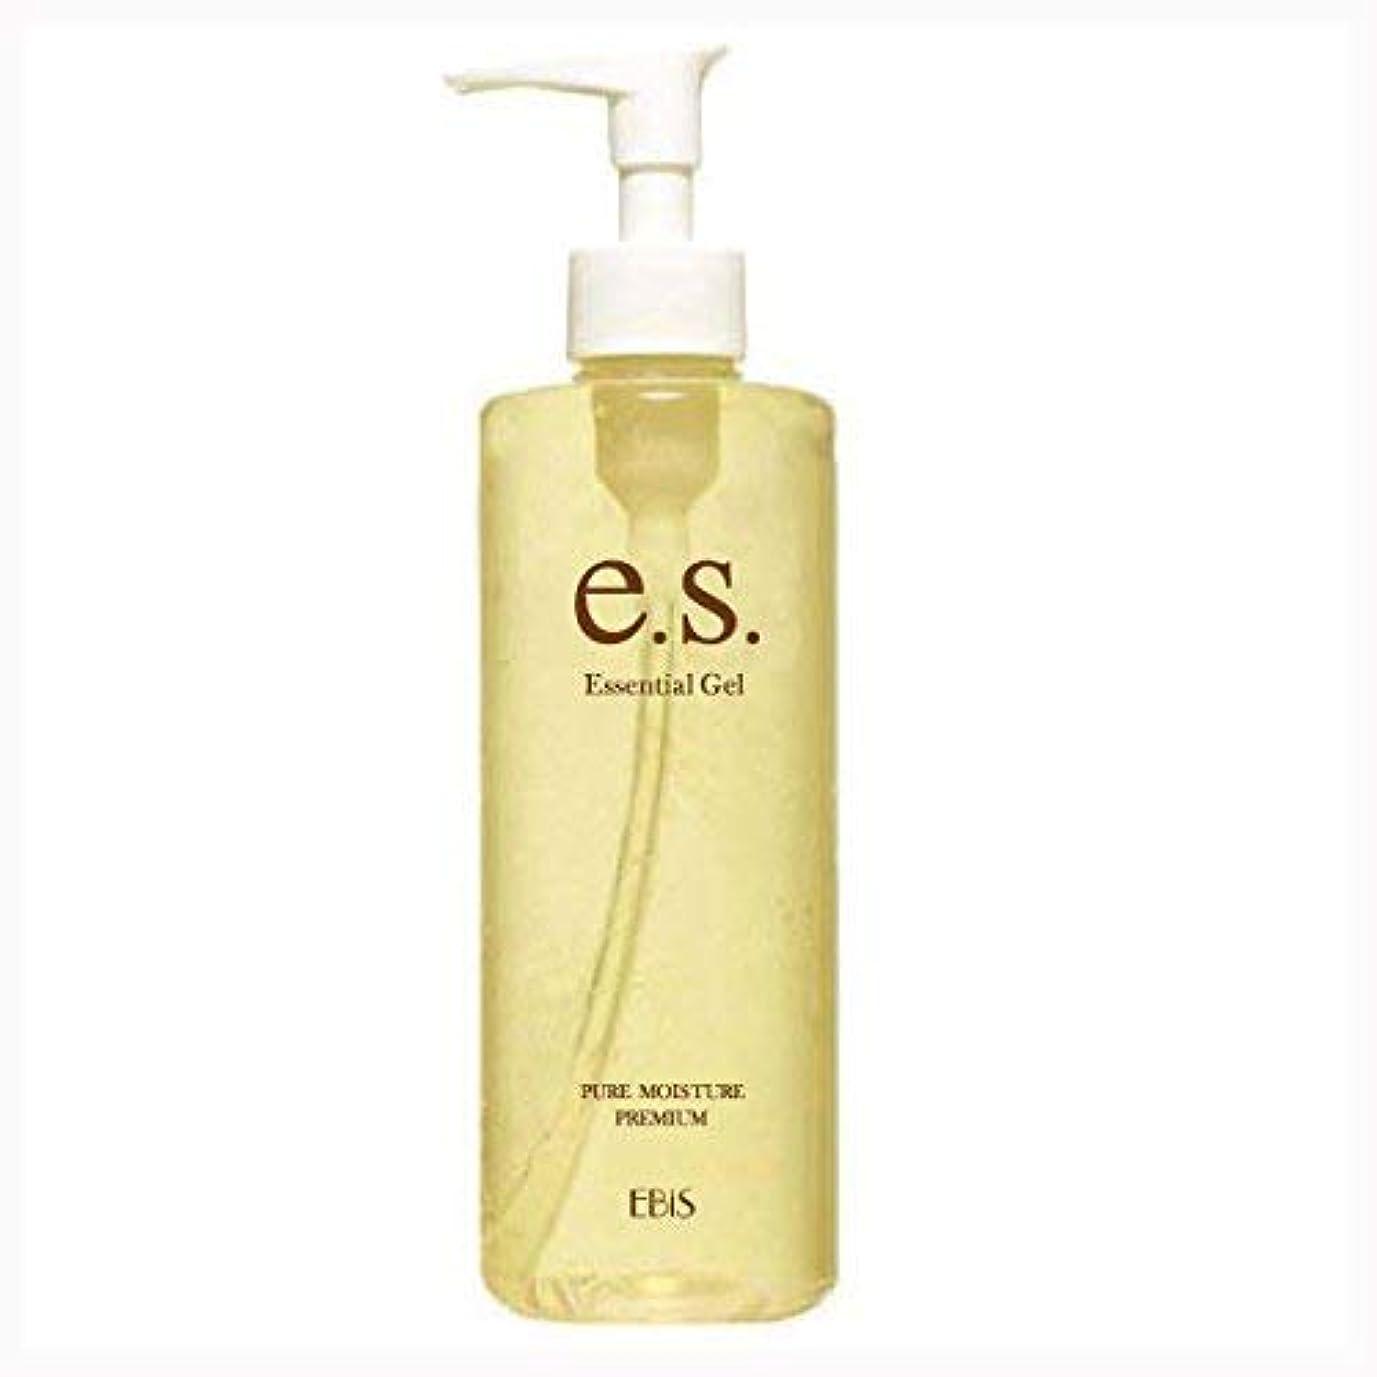 絡み合い疼痛優しいエビス化粧品(EBiS) イーエスエッセンシャルジェル (310g) 美顔器ジェル 無添加処方 アルコールフリー 日本製 男女兼用 保湿ジェル